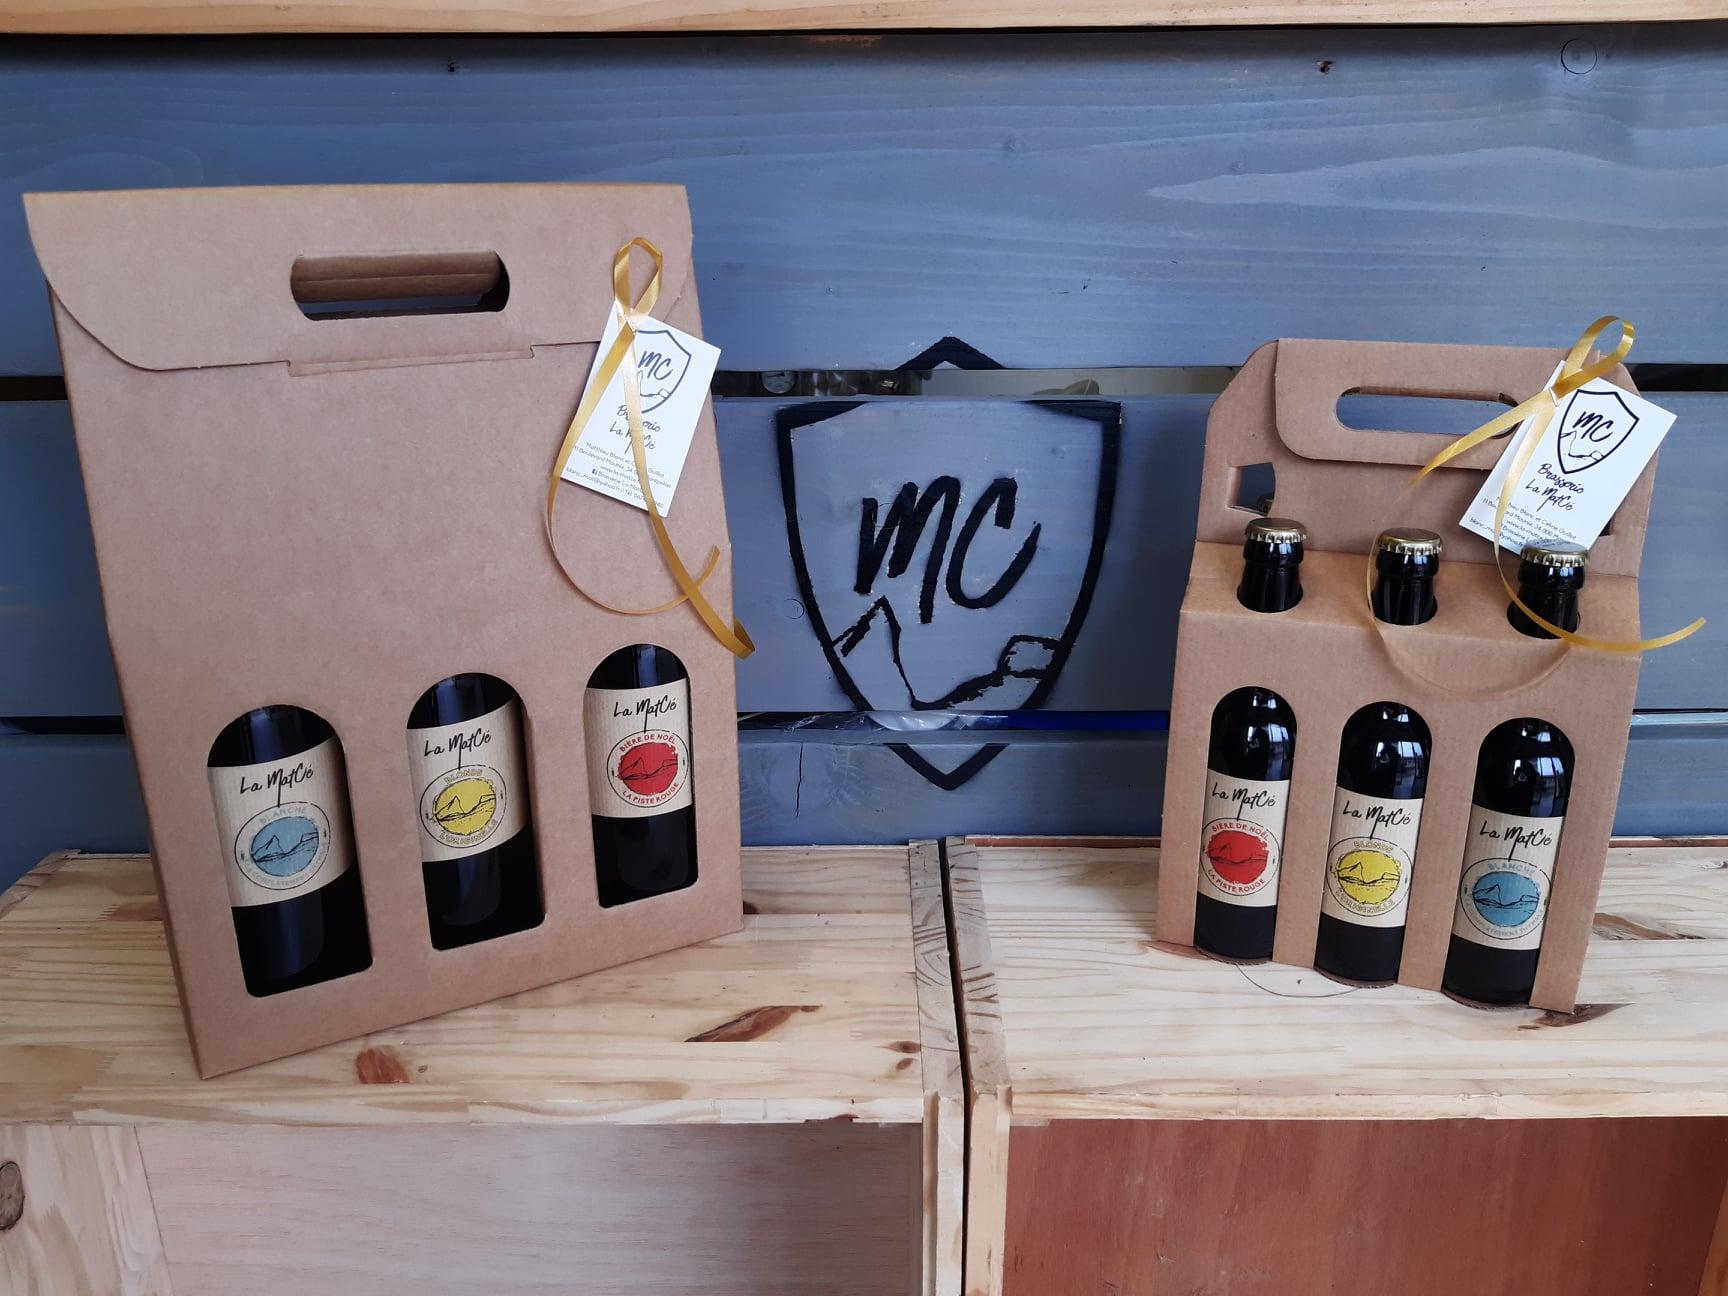 Montpellier - Coffret de bères de la Brasserie artisanale La MatCé